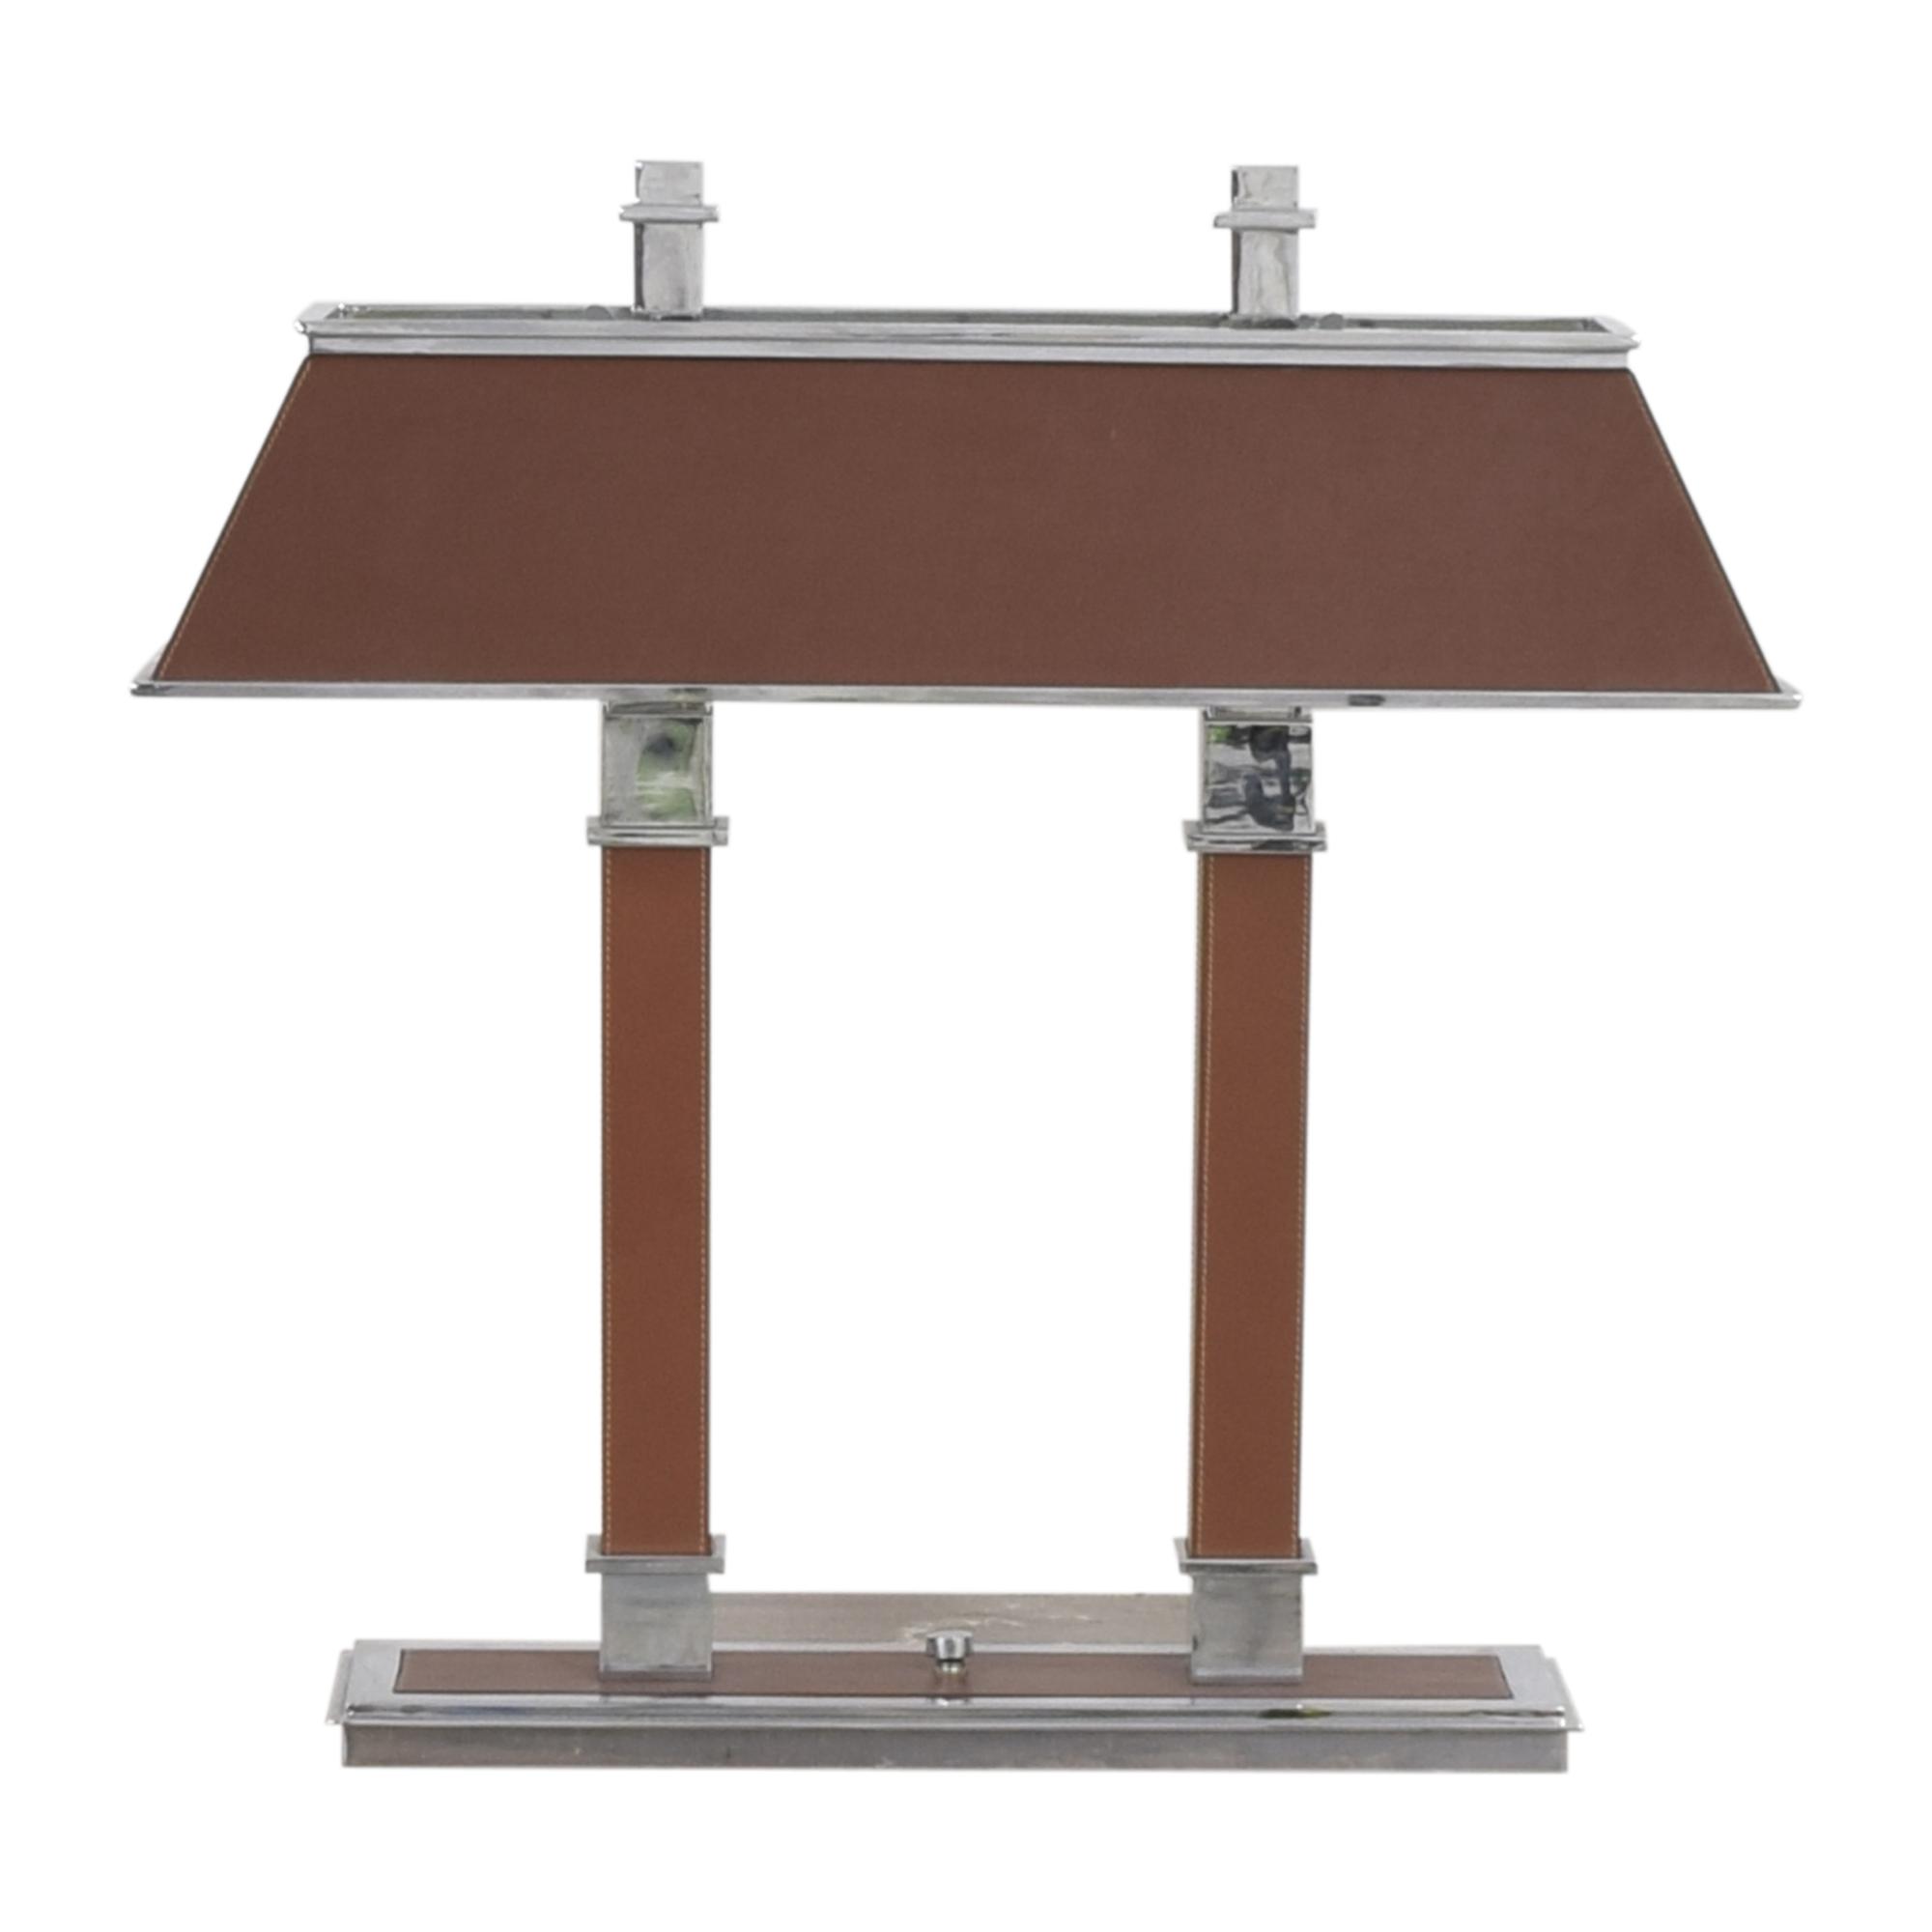 Ralph Lauren Home Ralph Lauren Home Double Table Lamp on sale